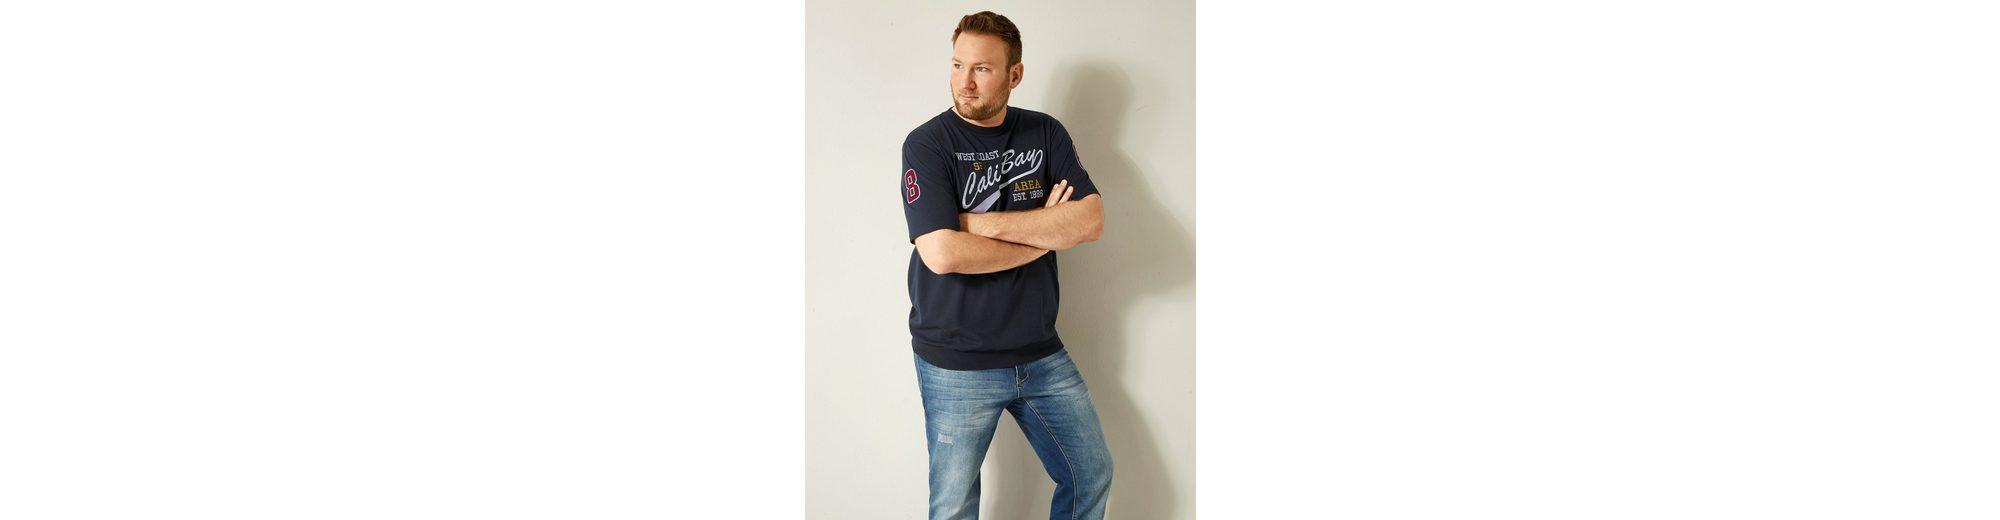 Men Plus by Happy Size Spezial-Bauchschnitt T-Shirt Top-Qualität Günstiger Preis sAJoA7Z